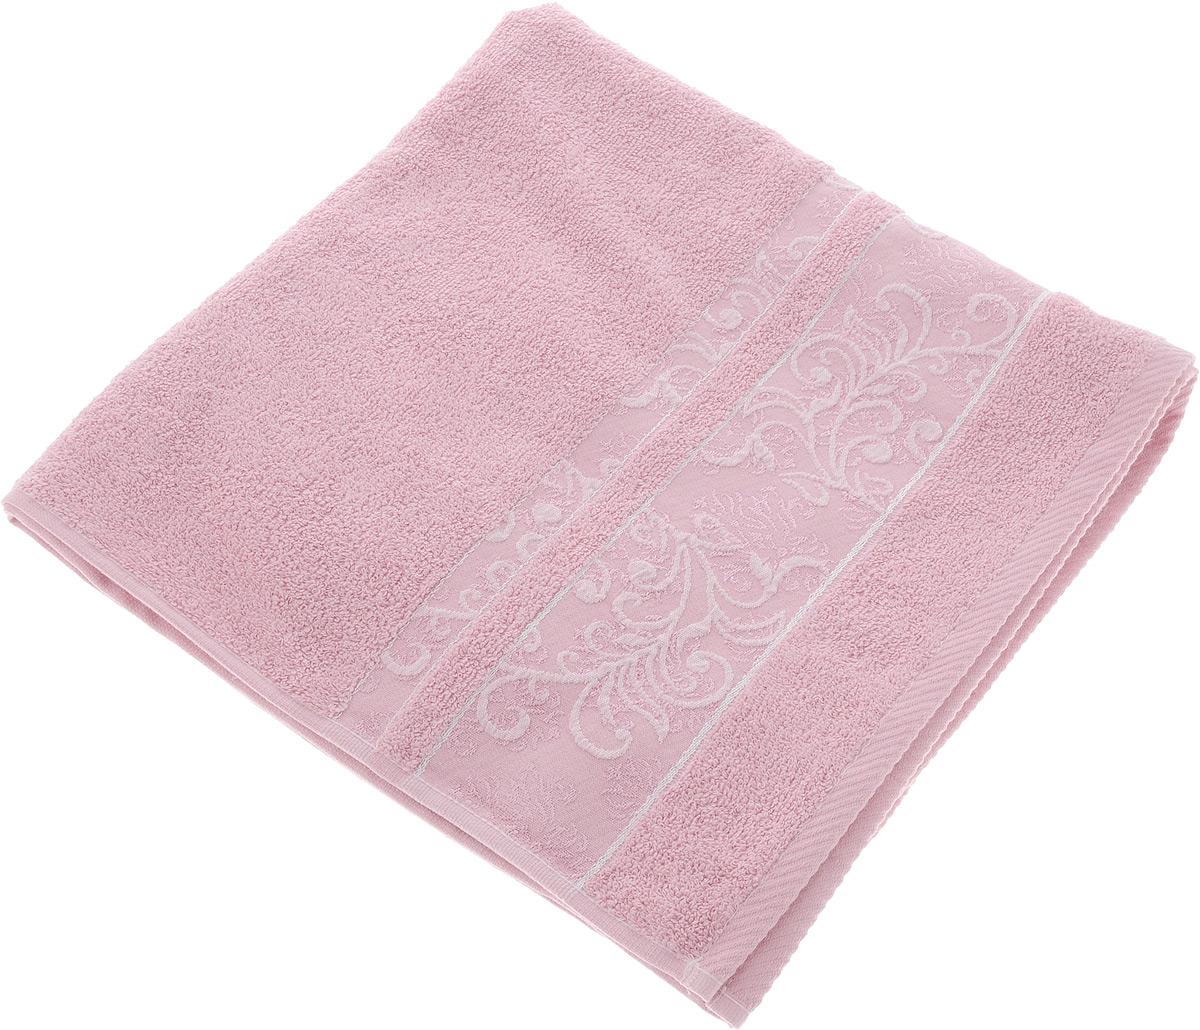 Полотенце Brielle Sarmasik, цвет: розовый, 70 х 140 см68/5/3Полотенце Brielle Sarmasik выполнено из натурального хлопка.Изделие очень мягкое, оно отлично впитывает влагу, быстро сохнет, сохраняет яркость цвета и не теряет формы даже после многократных стирок. Модель оформлена узором. Полотенце Brielle Sarmasik очень практично и неприхотливо в уходе. Такое полотенце послужит приятным подарком.